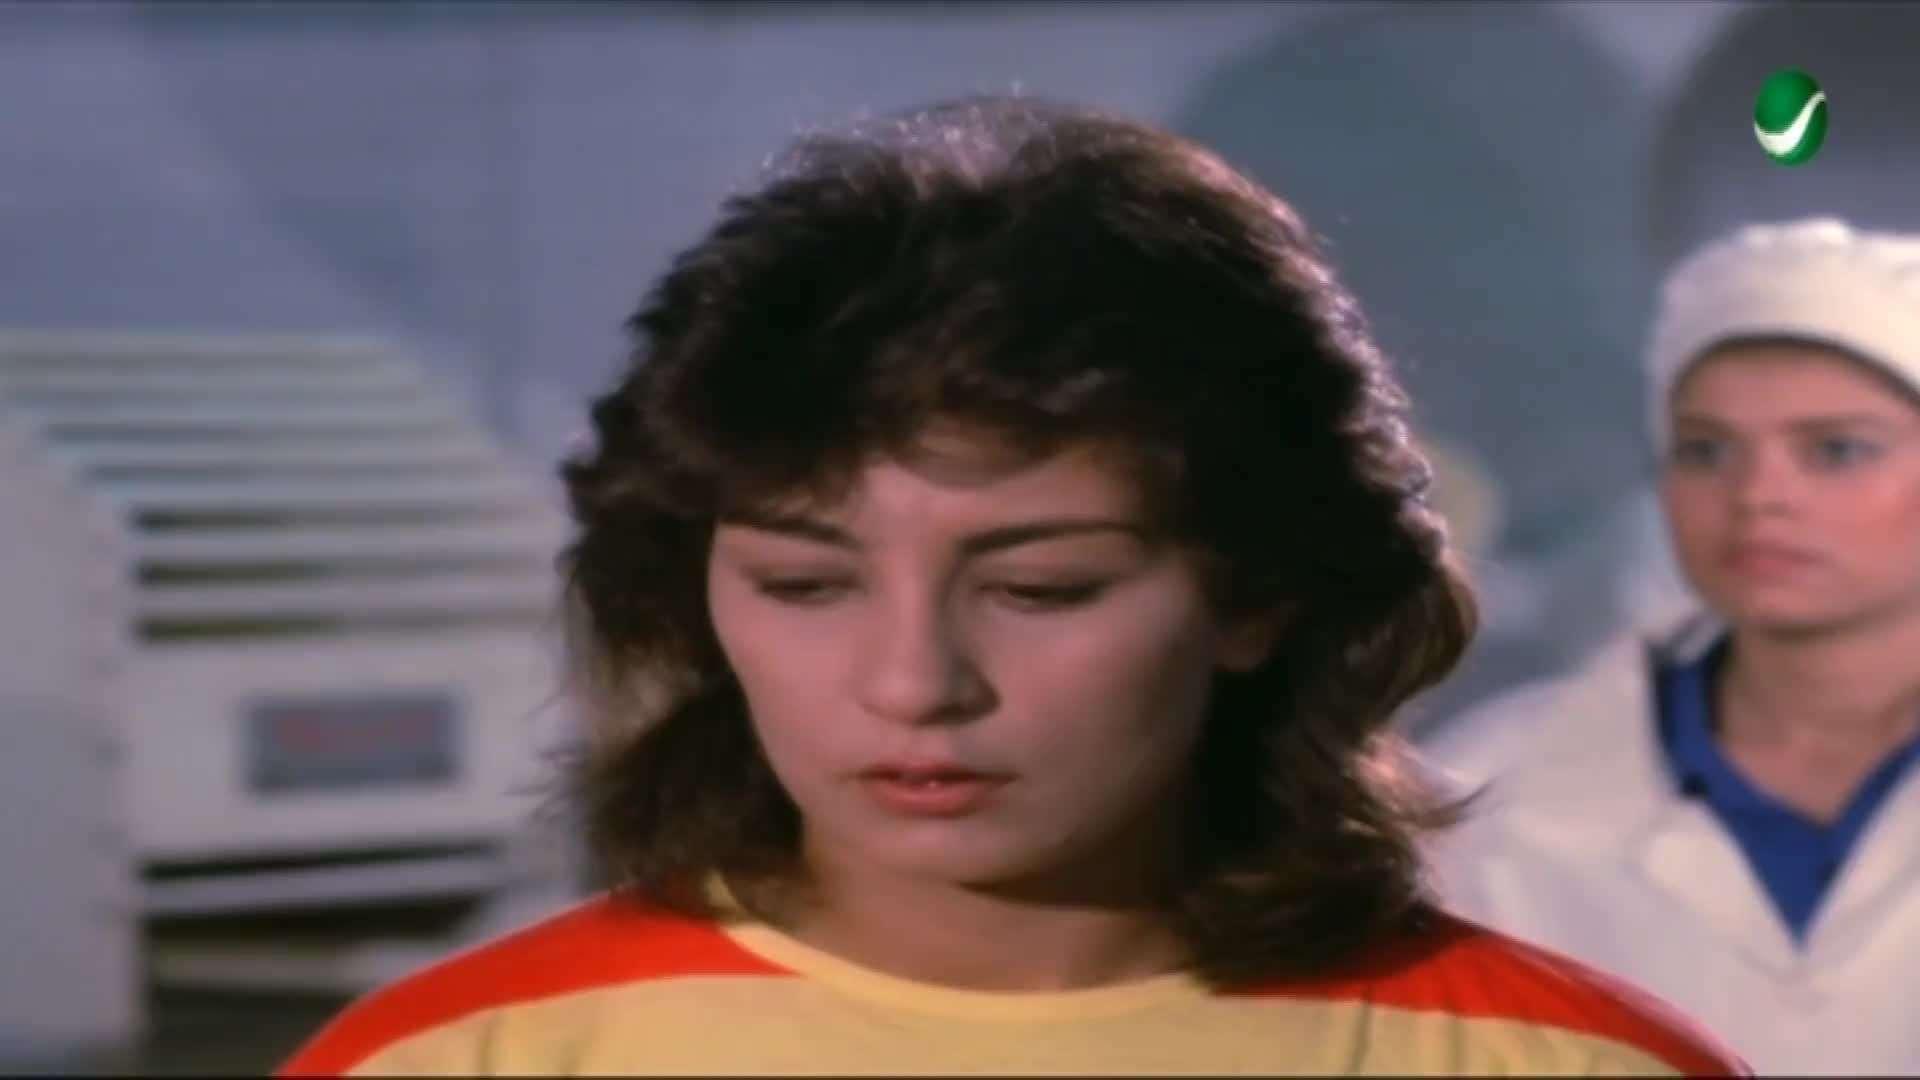 [فيلم][تورنت][تحميل][الجبلاوي][1991][1080p][Web-DL] 10 arabp2p.com